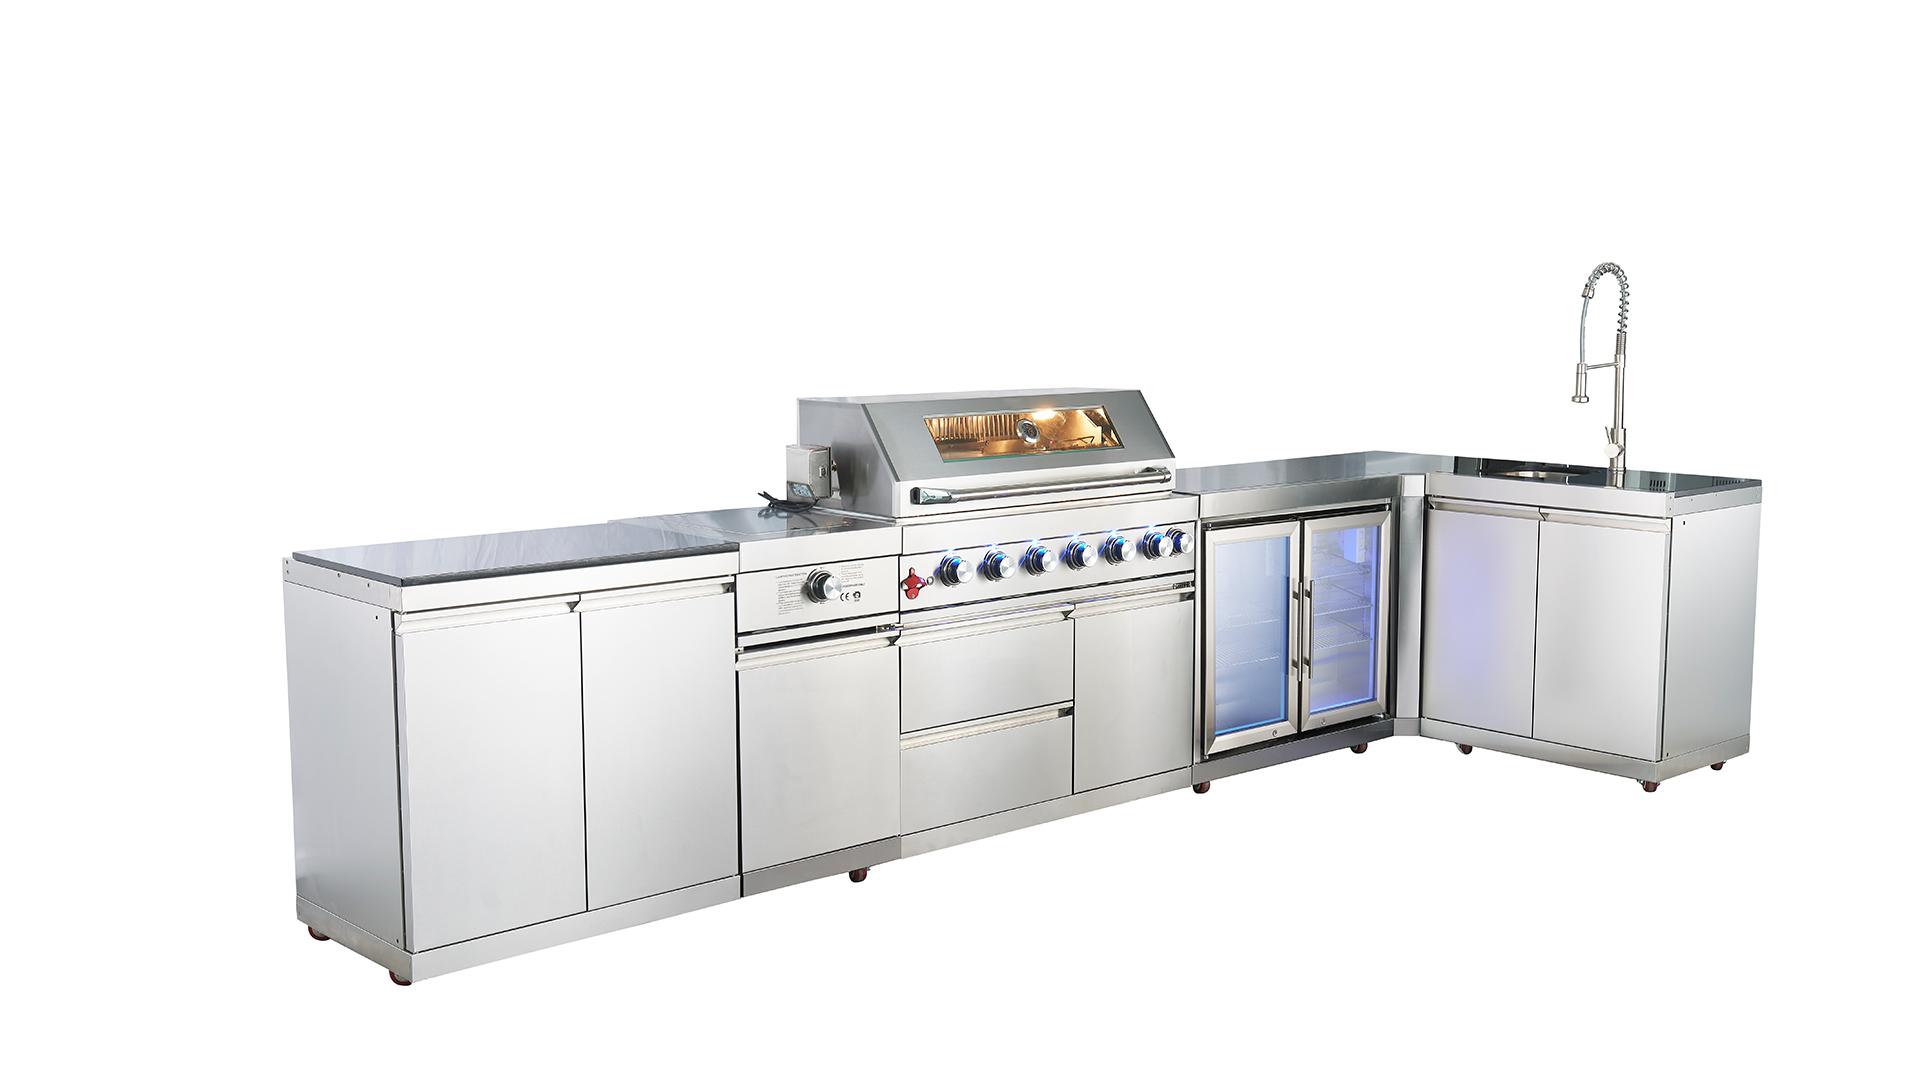 WST-001-5-1 Top vendendo cozinha ao ar livre em pé livre de aço inoxidável armário de cozinha comercial e churrasqueira